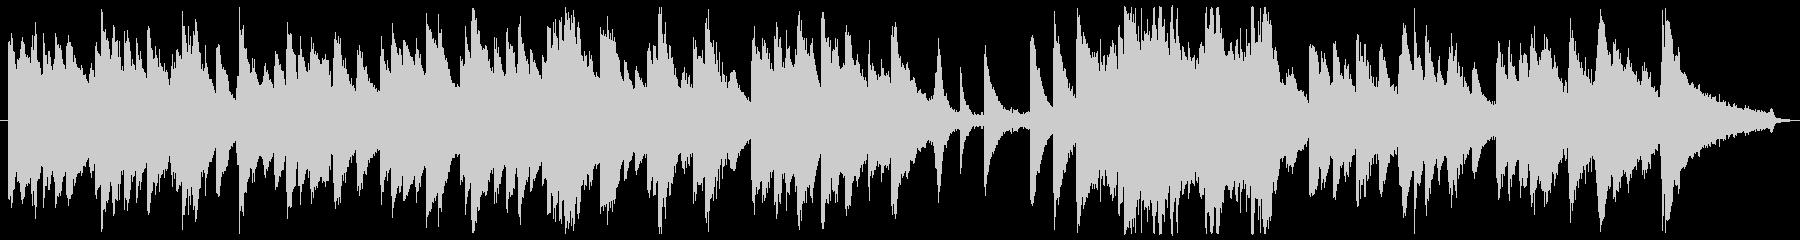 切ない&優しいピアノ曲(ソロピアノ)の未再生の波形